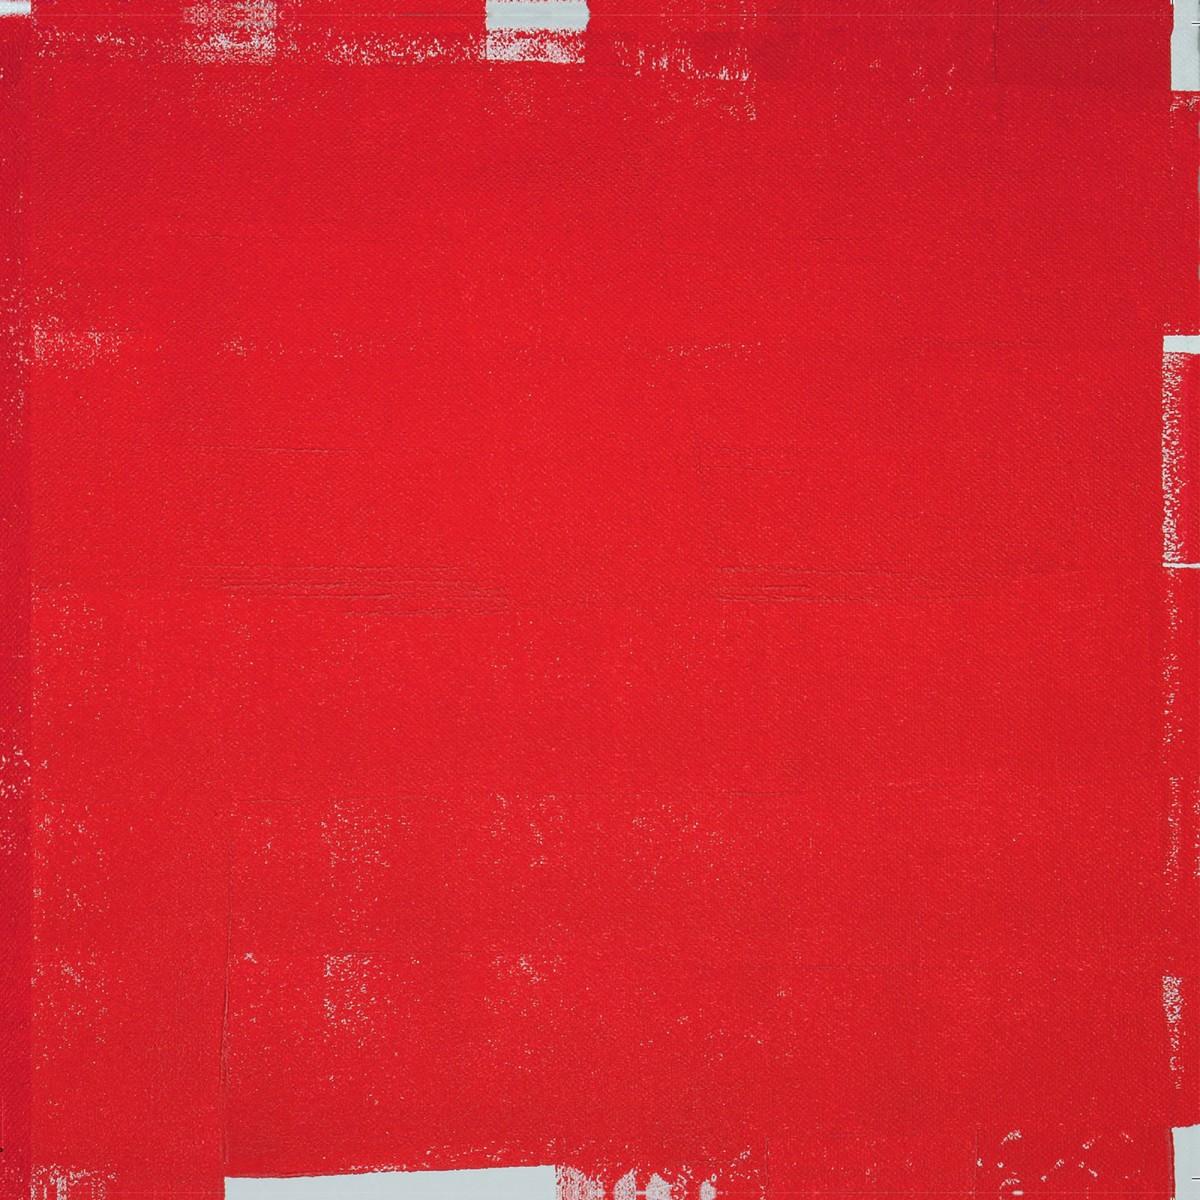 Tocotronic: (Das Rote Album) (2015)